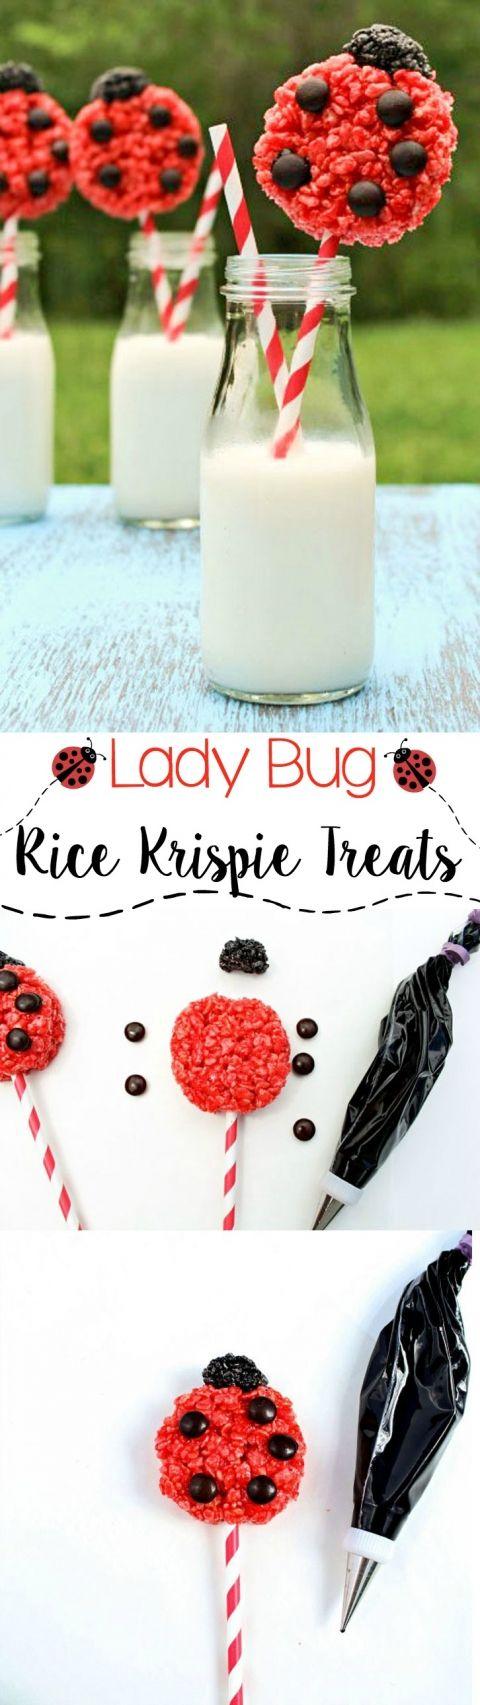 Easy-Rice-Krispie-Lady-Bug-Treats-via-www.thebearfootbaker